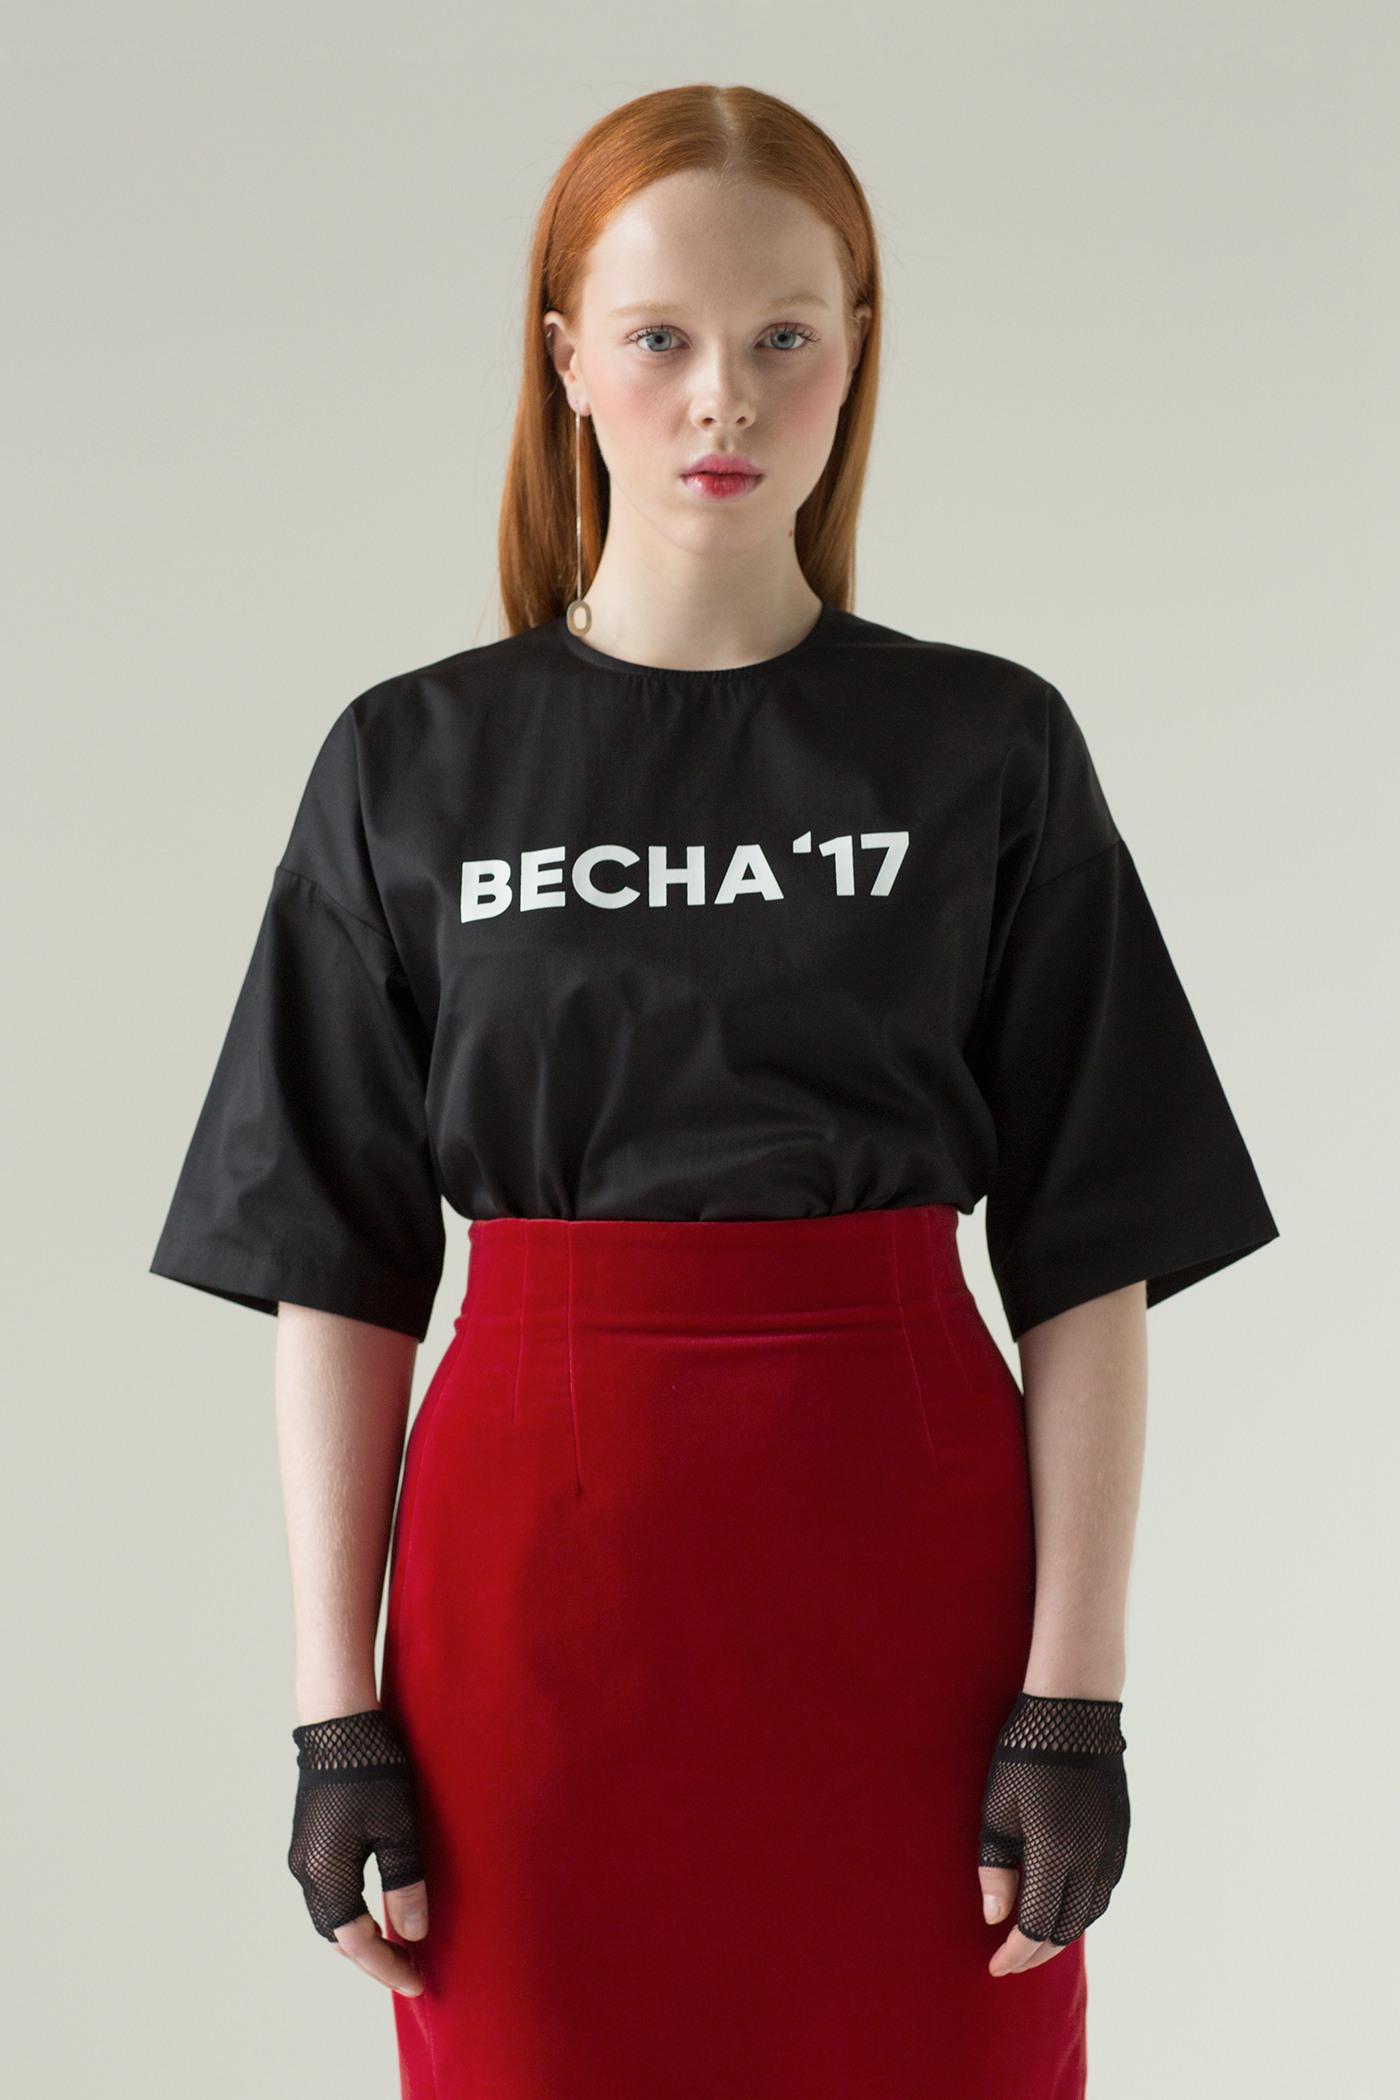 Футболка с принтомСвободная футболка из черного хлопка, на груди принт выполненный в технике шелкография.&#13;<br>&#13;<br>&#13;<br>застегивается на потайную молнию по центру спинки&#13;<br>&#13;<br>длина изделия по спинке — 60 см&#13;<br>&#13;<br>изделие в одном размере one size (подойдет для следующих размеров: хs, s, m)<br><br>Цвет: Черный